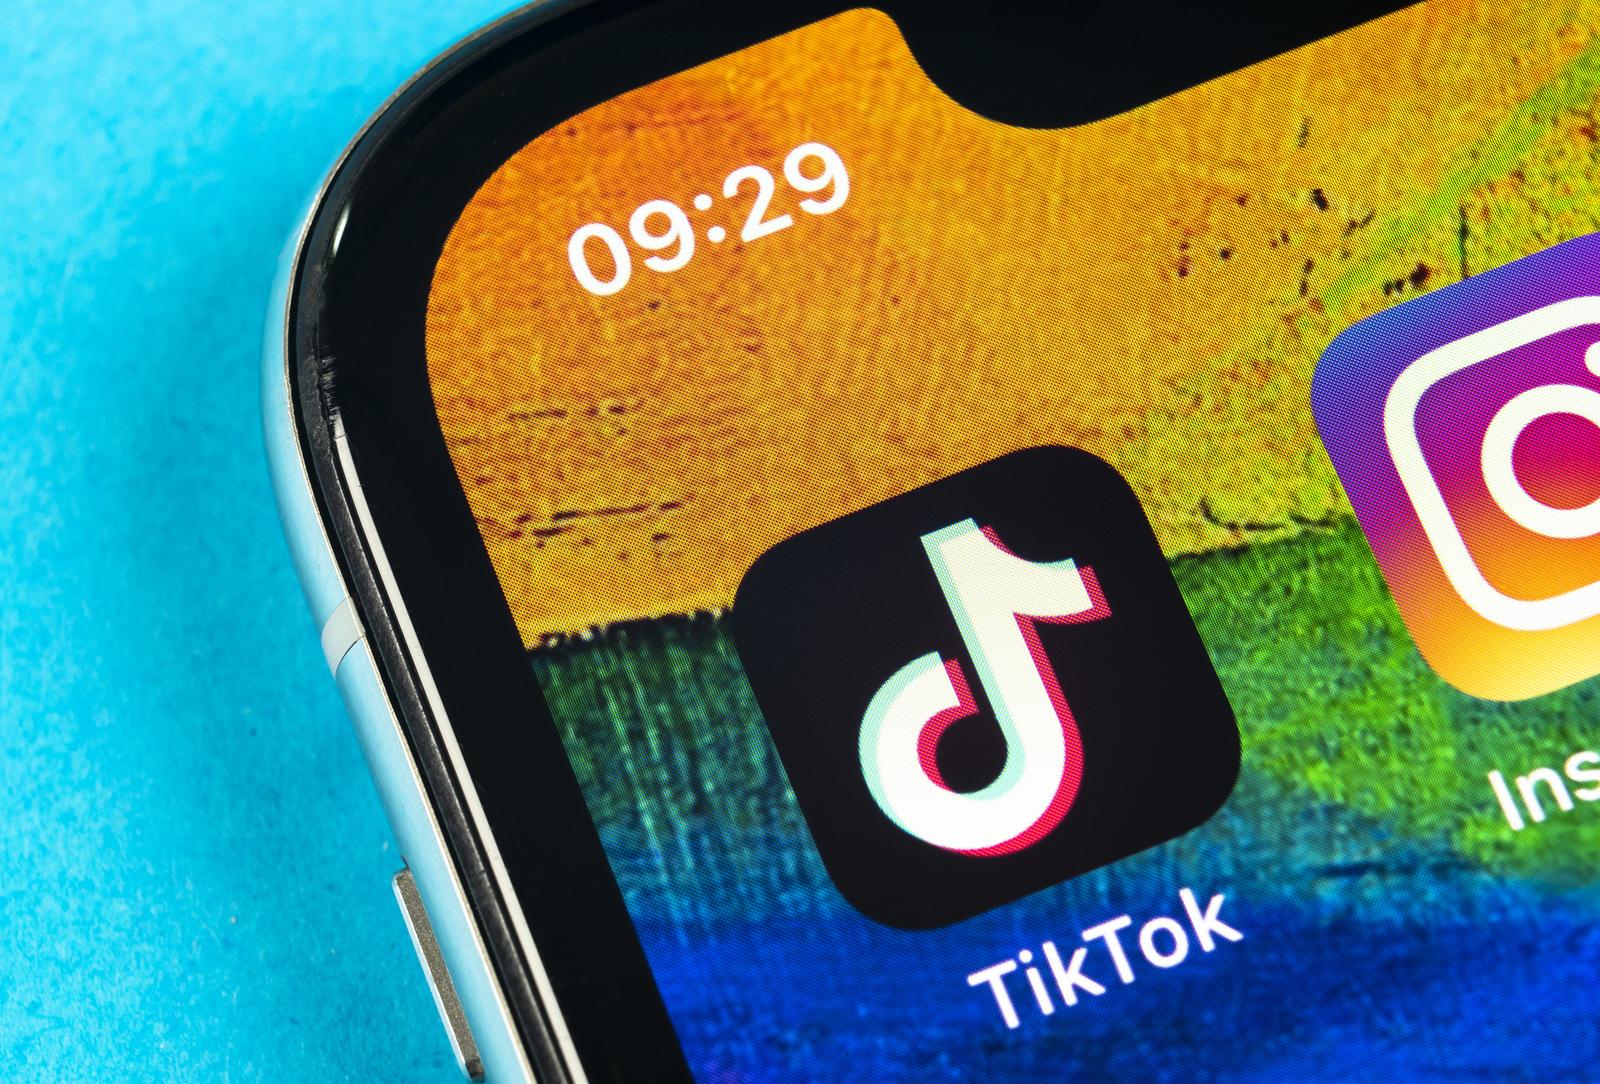 Da dove puoi ottenere follower TikTok originali?